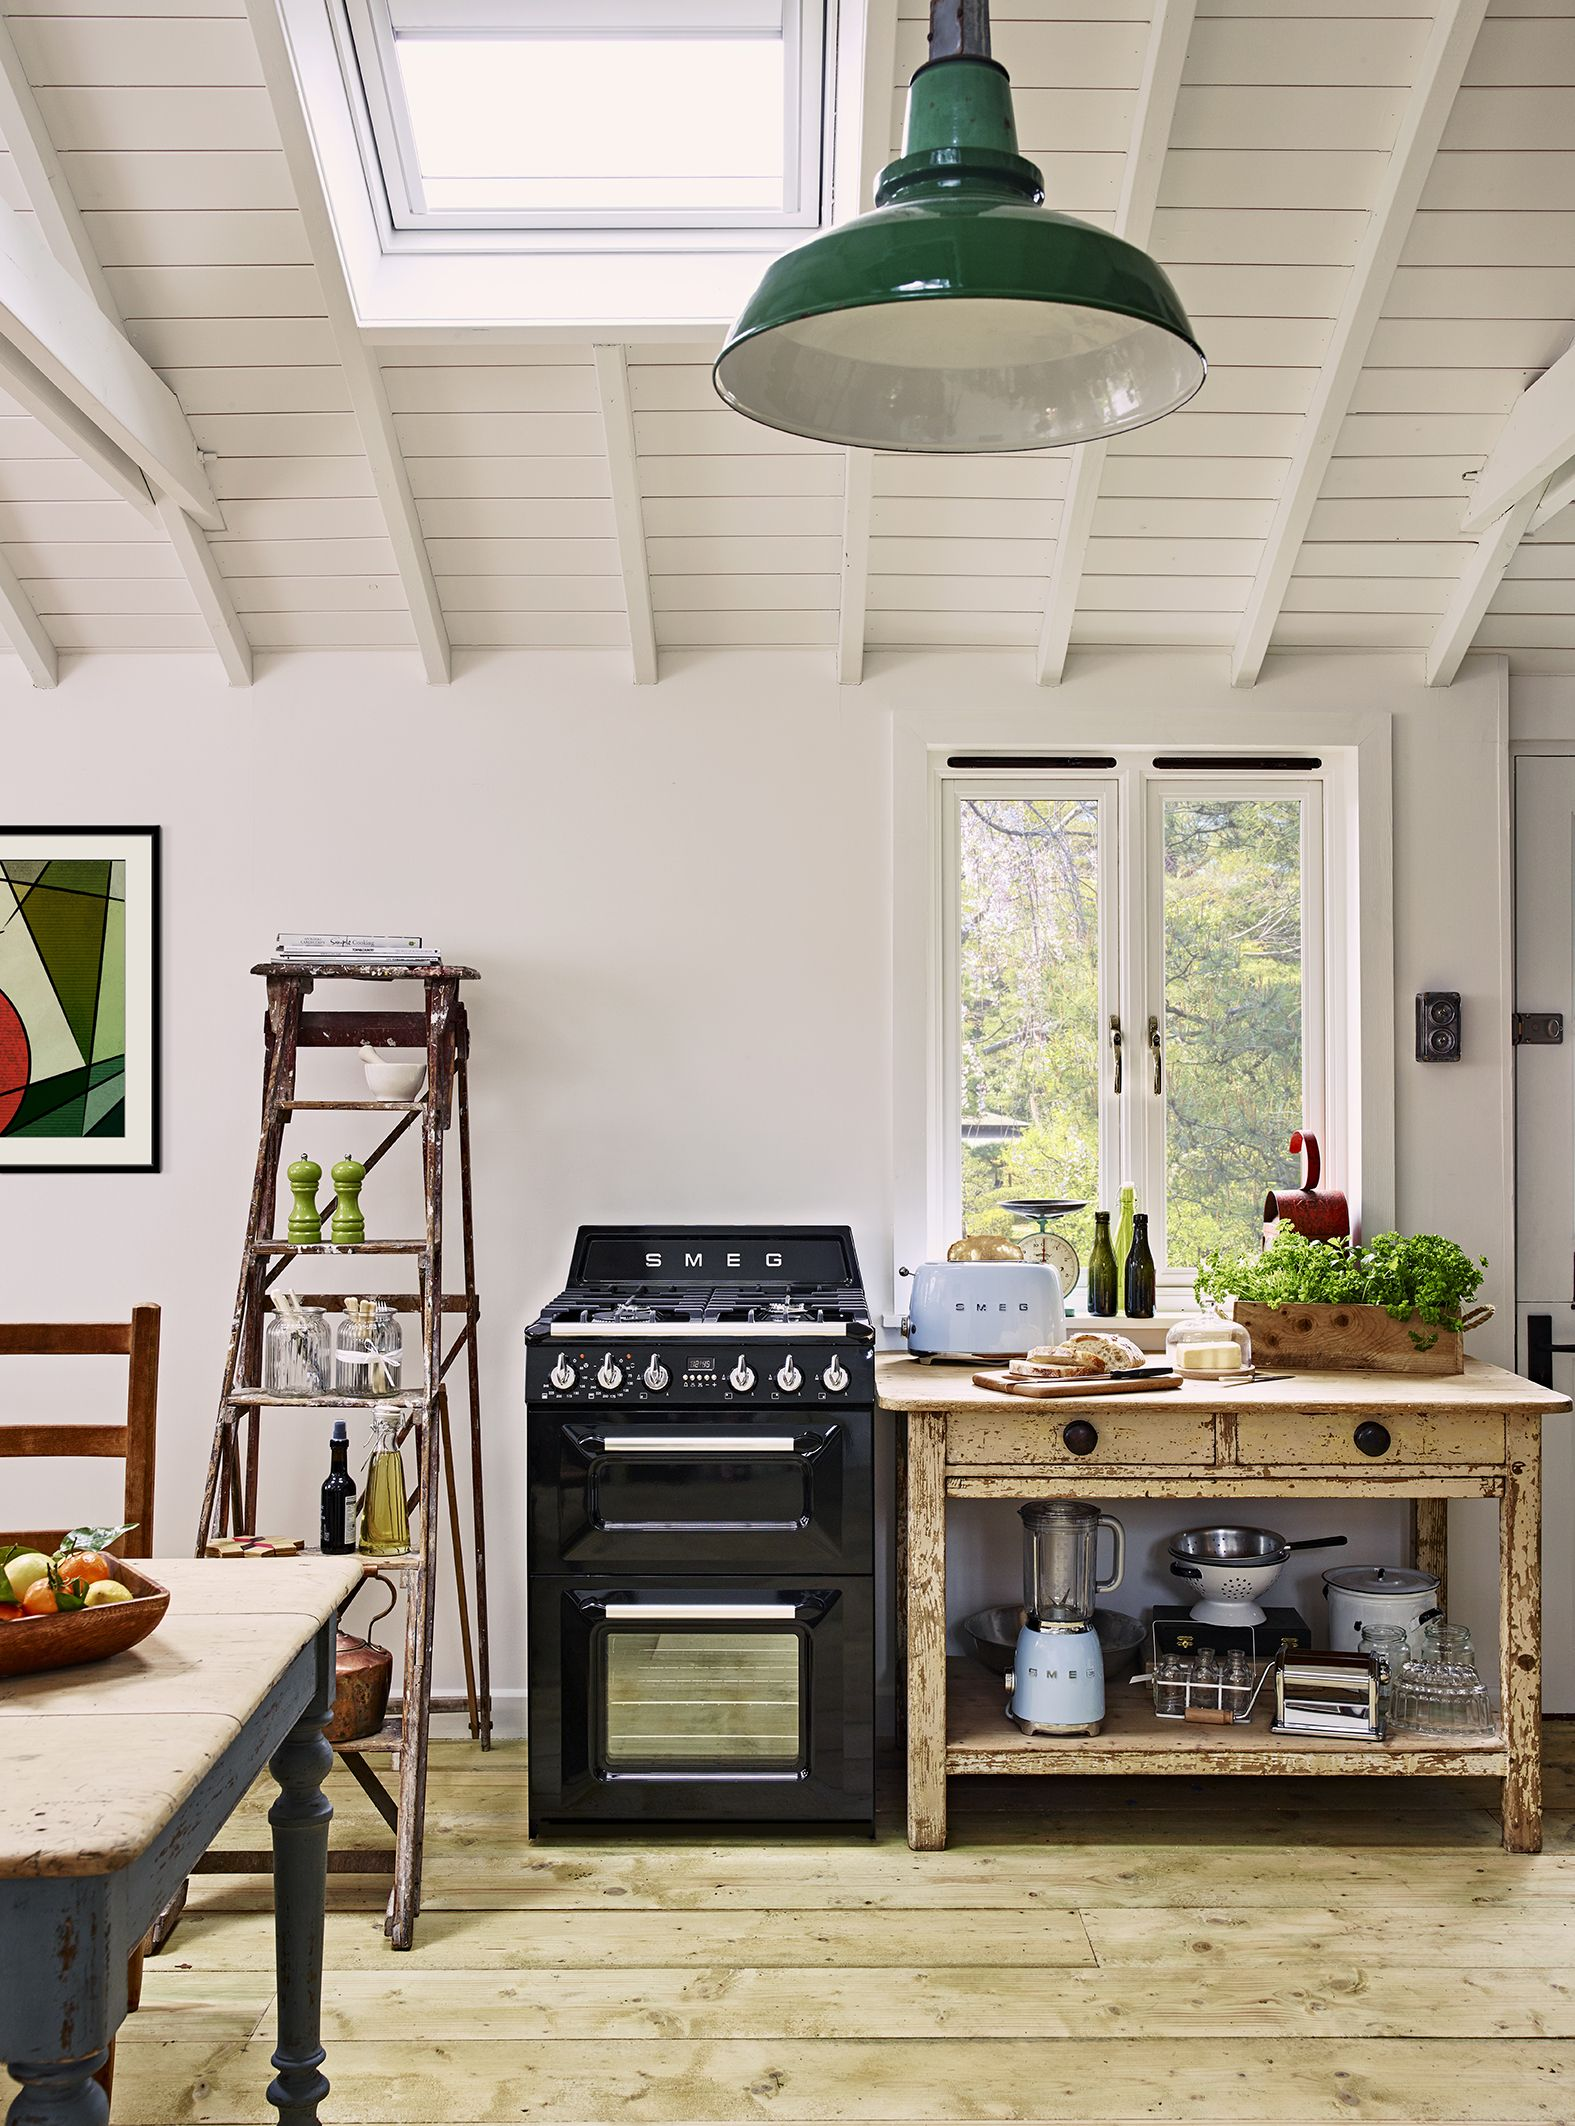 Smeg Black 60 Cm Victoria Cooker Kitchen Smeg Kitchen